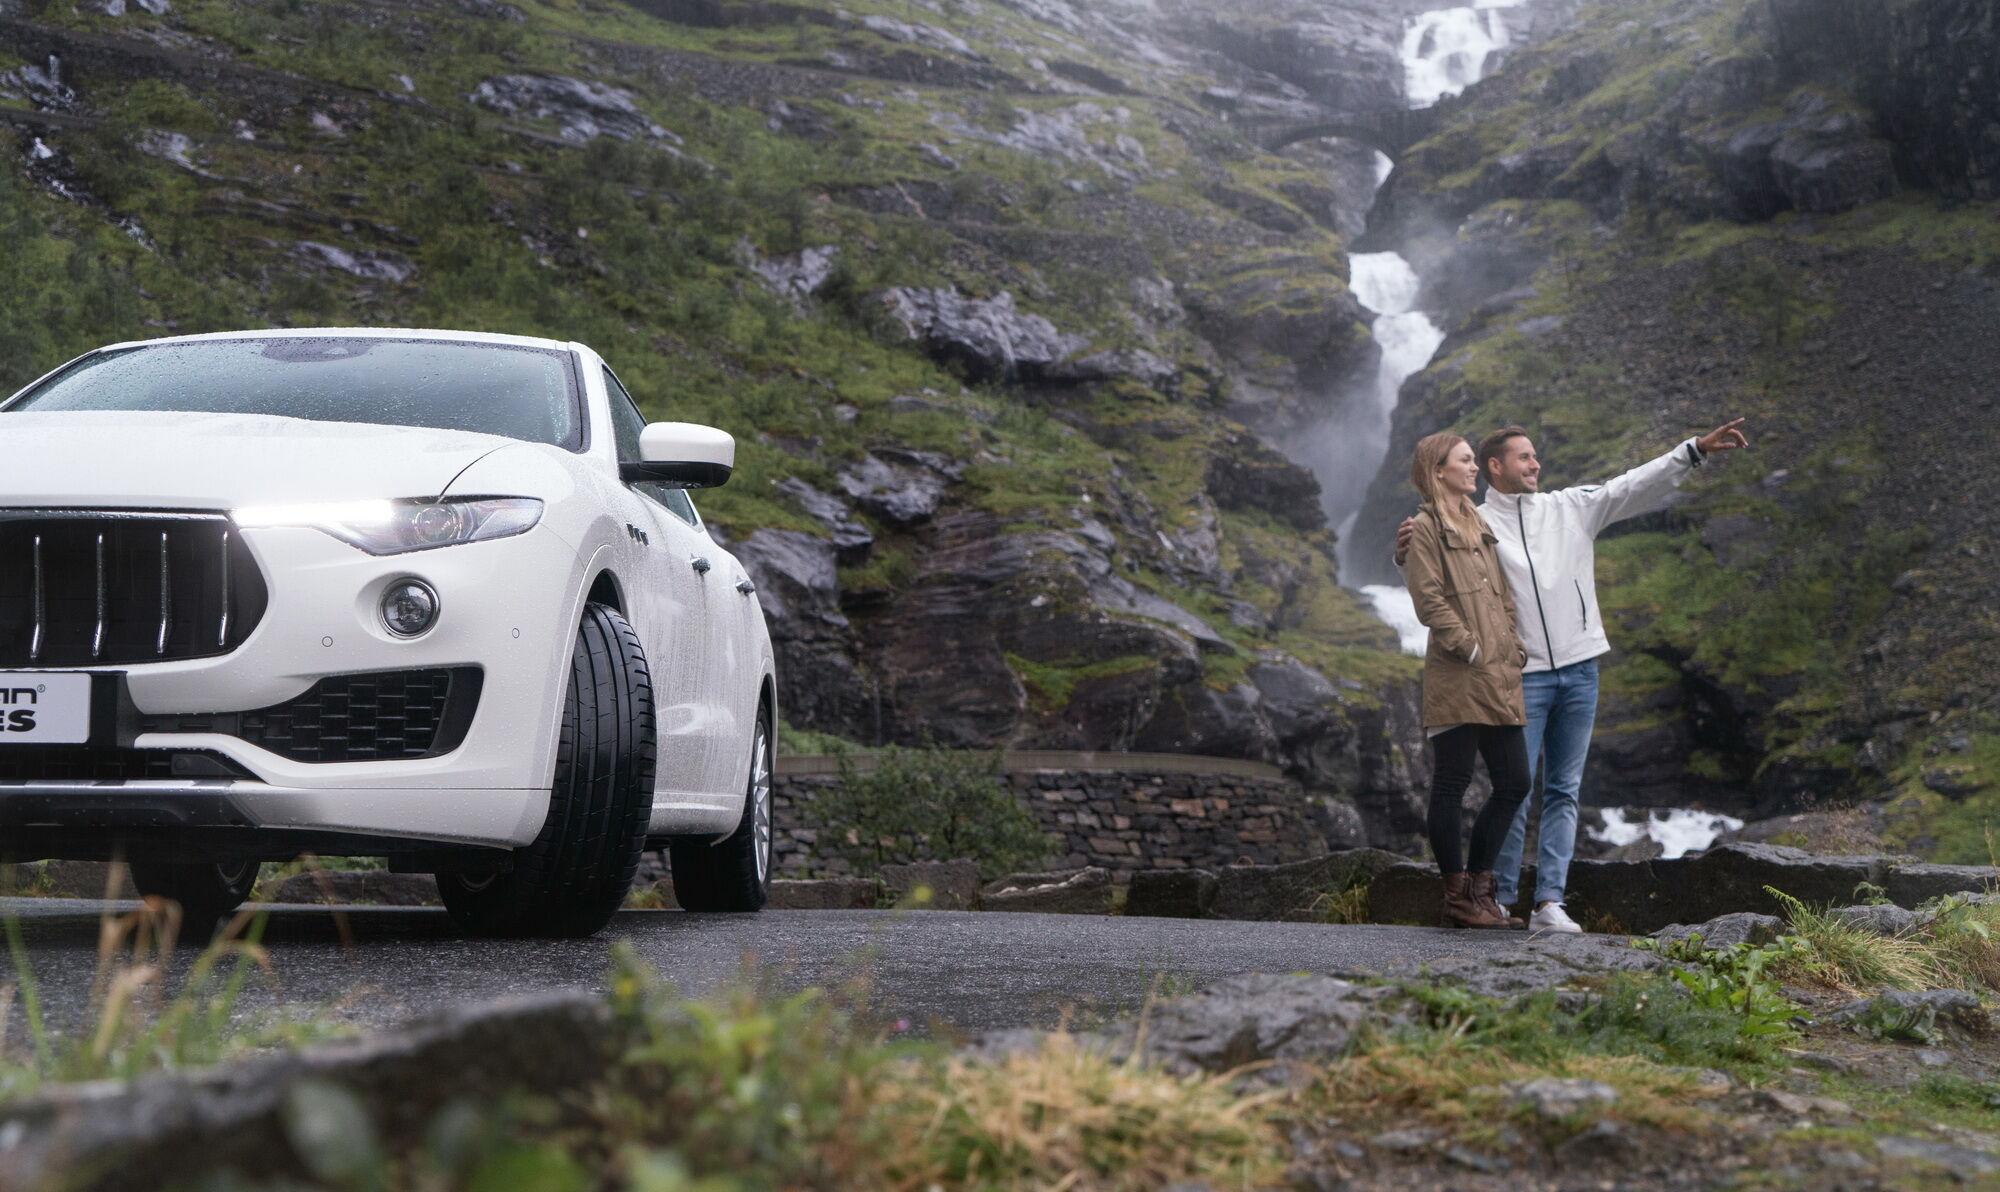 Кількість кросоверів та позашляховиків зростає з кожним роком, тому компанія Nokian Tyres надає особливу увагу продукції для цієї категорії автомобілів